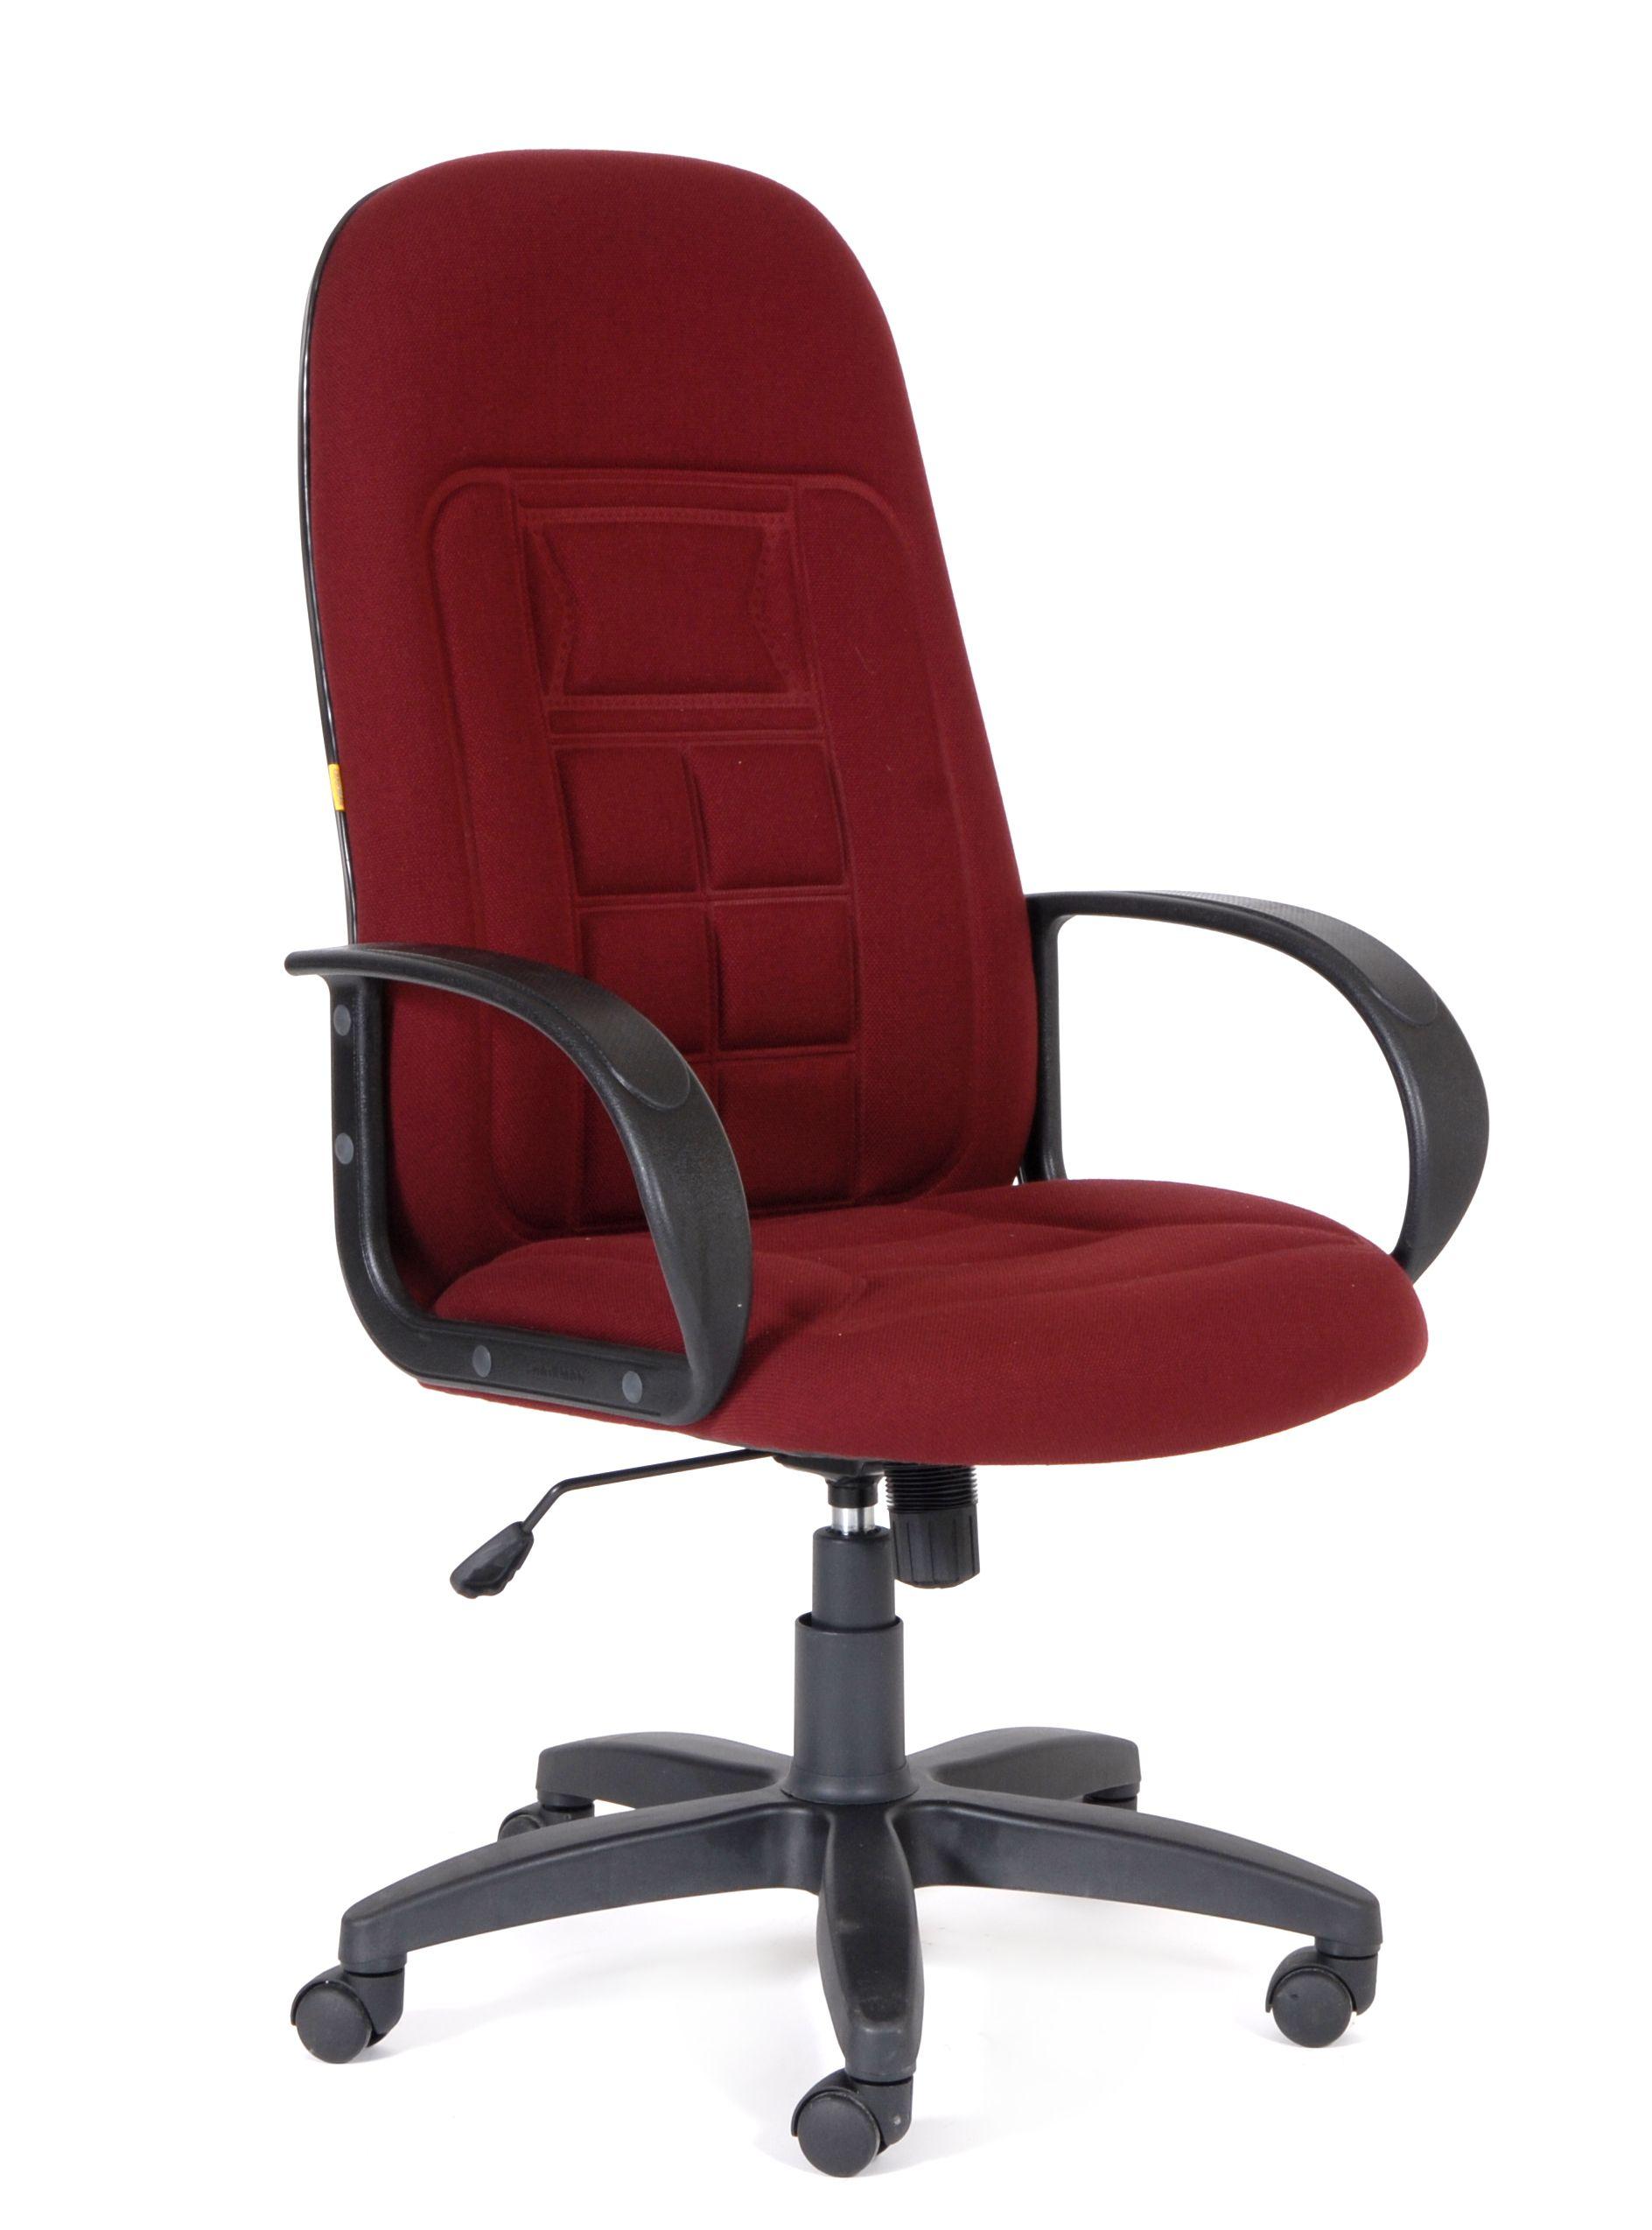 Biuro kėdė TEMPE 727